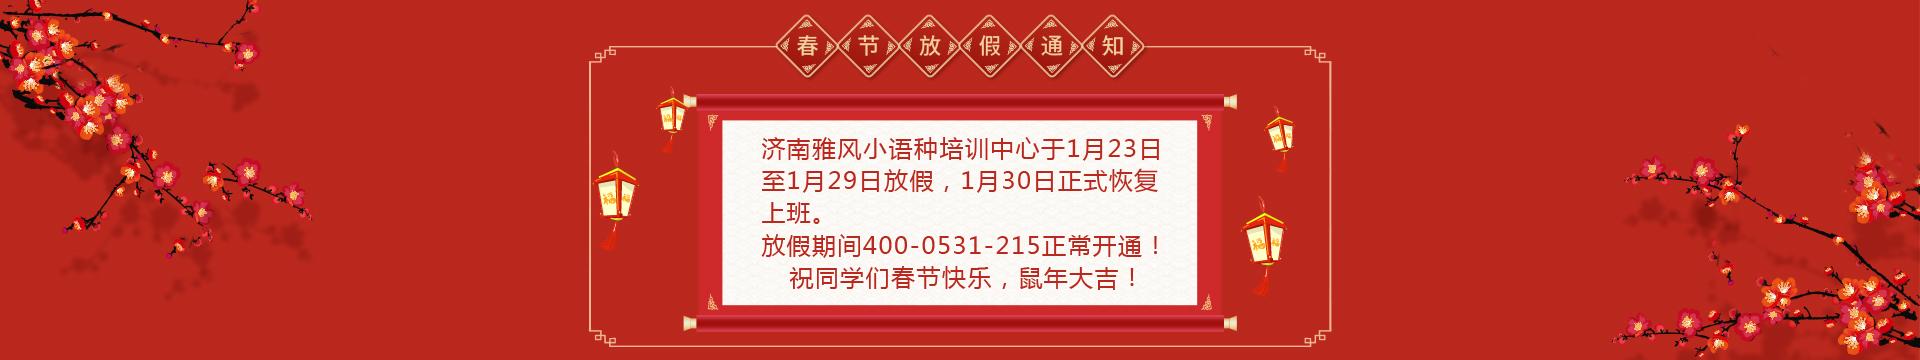 雅风小语种2020年春节放假通知